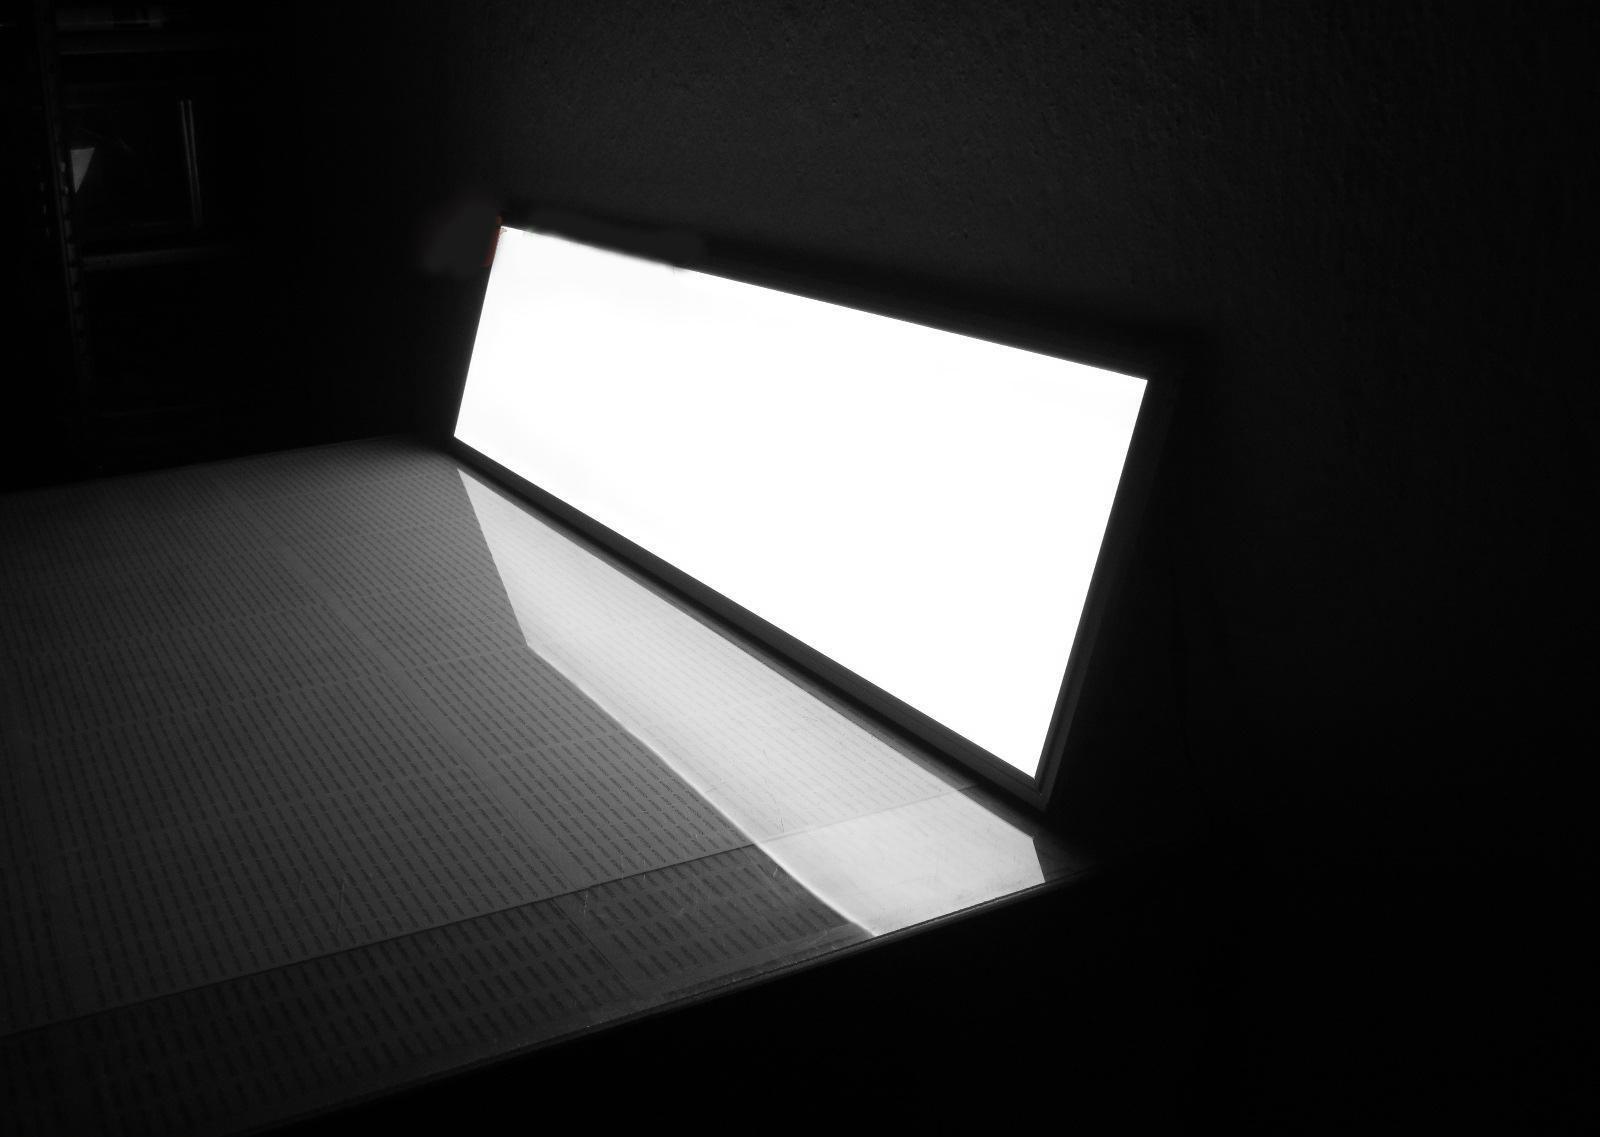 Lampade Esterno Bricoman: Laghetti artificiali e accessori: prezzi ...